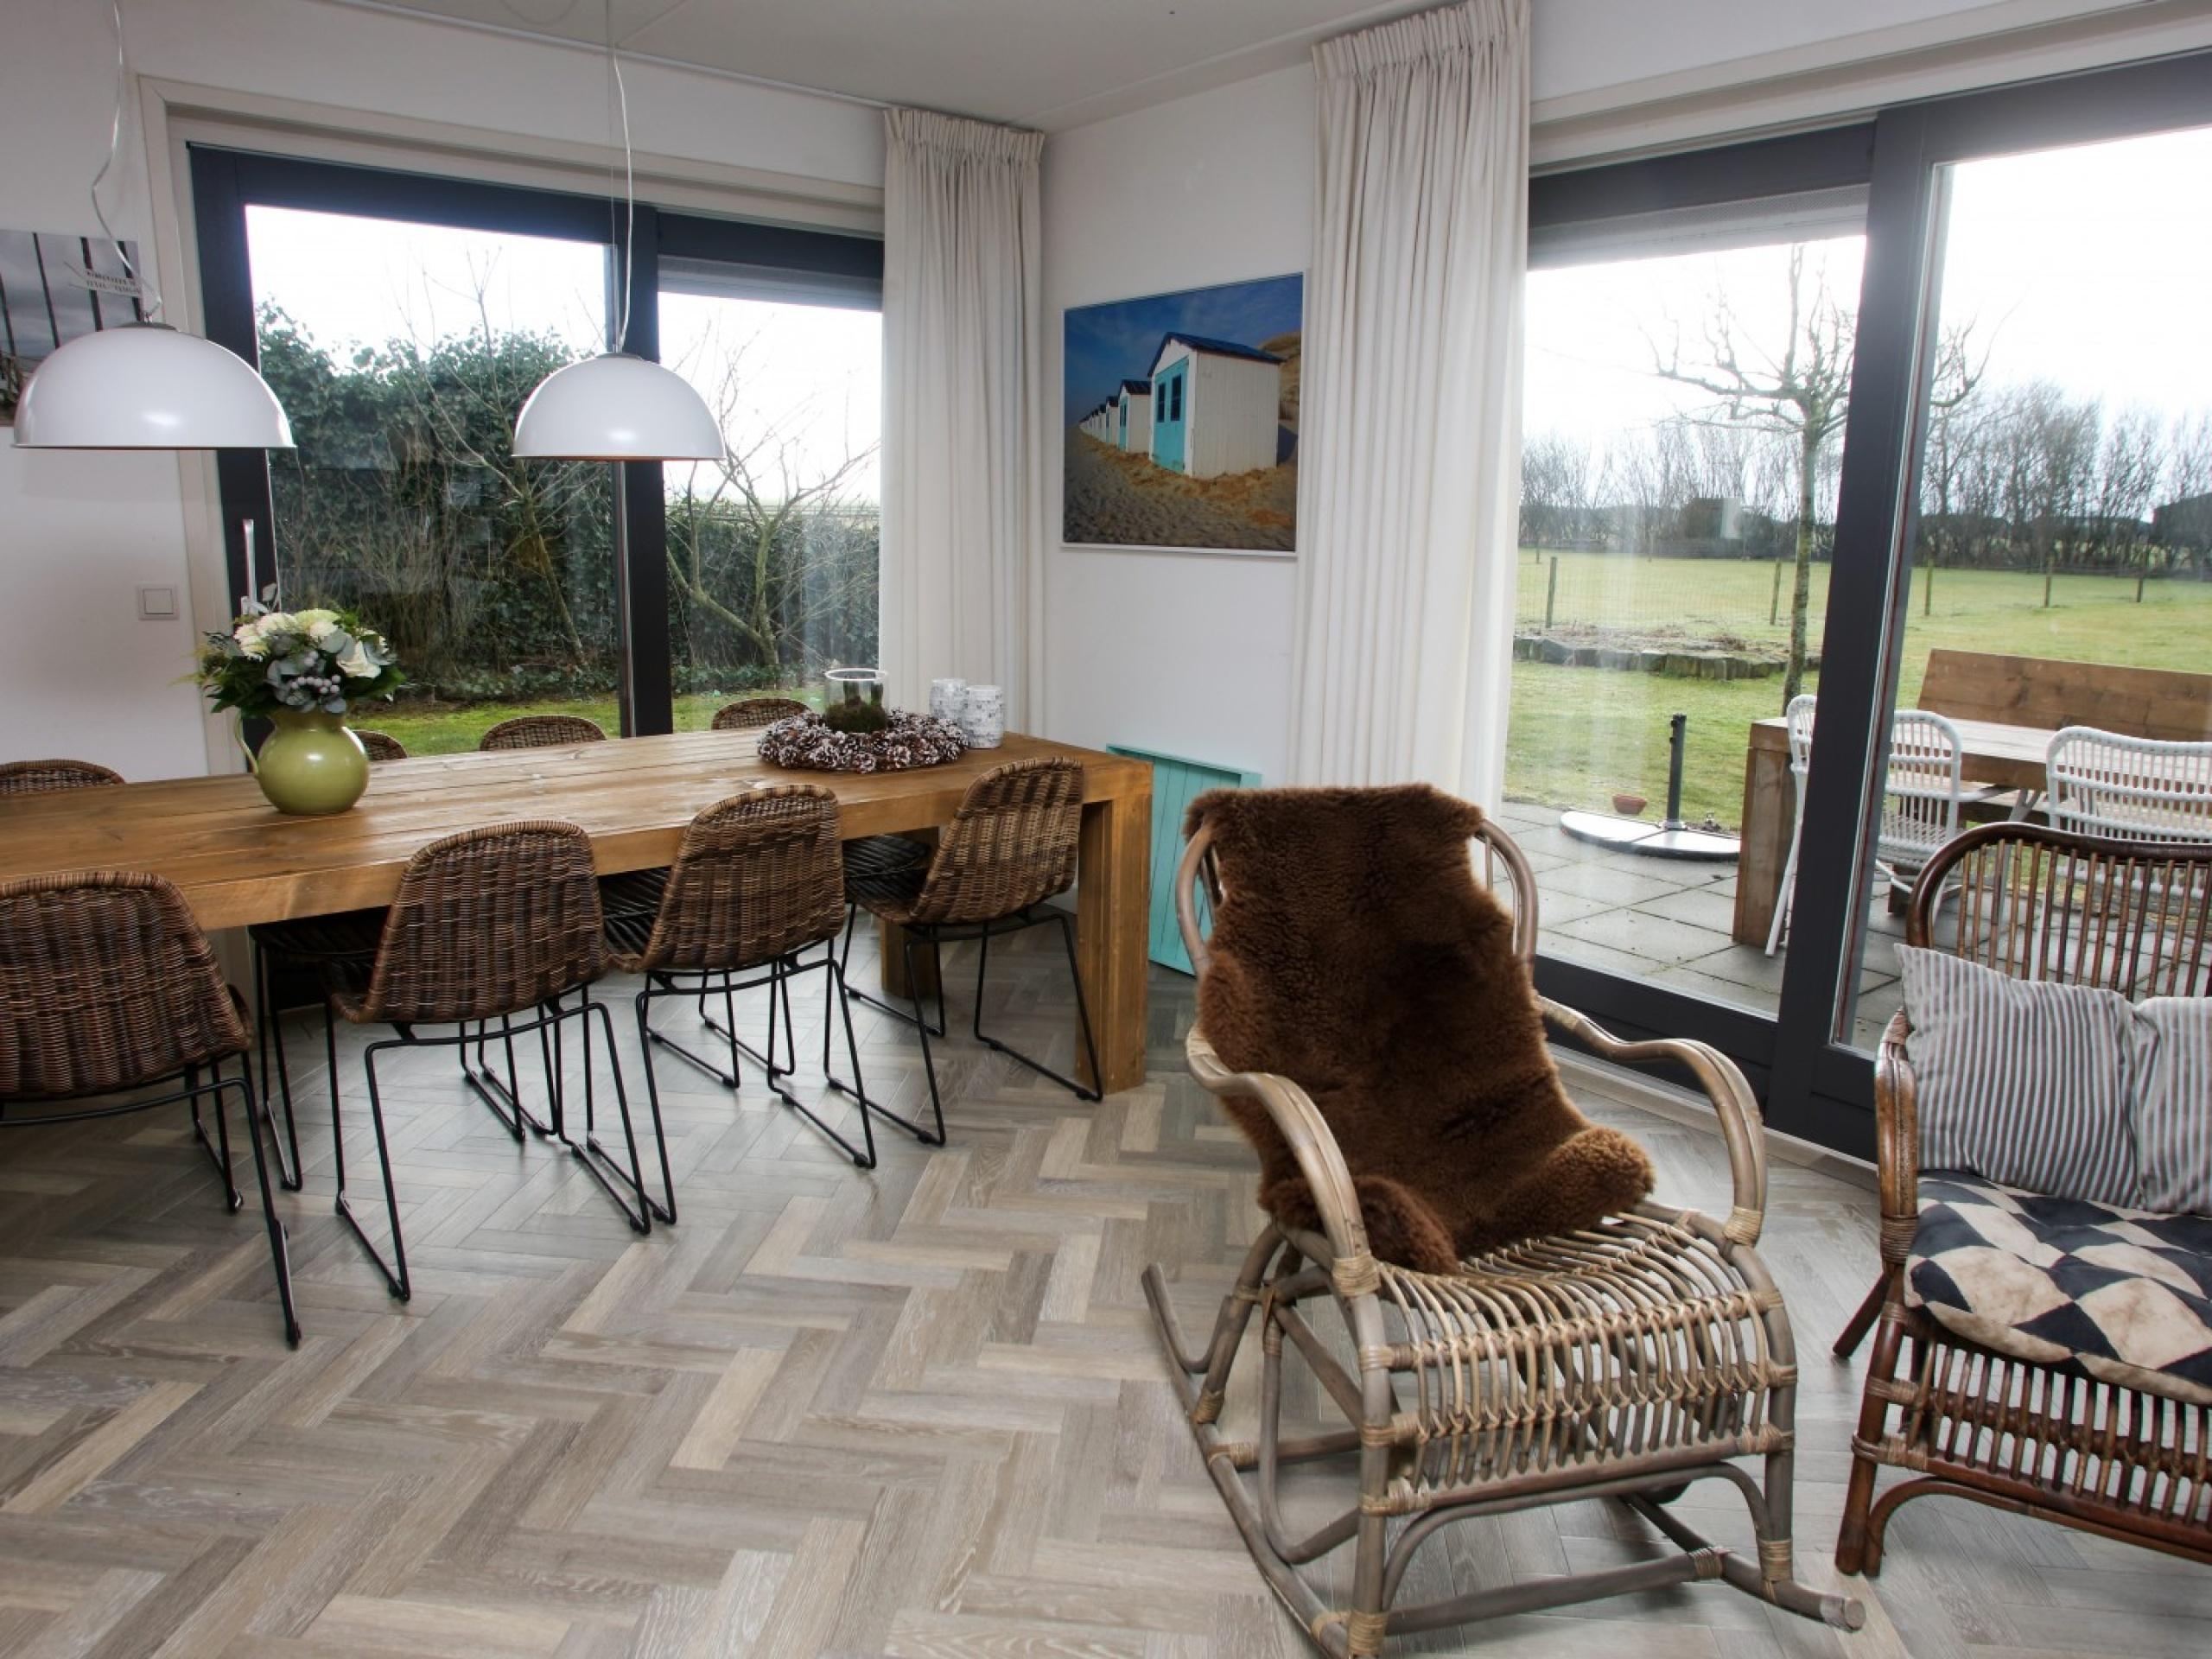 Geniet van je rust in sfeervol en gezellig vakantiehuis vlakbij De Cocksdorp